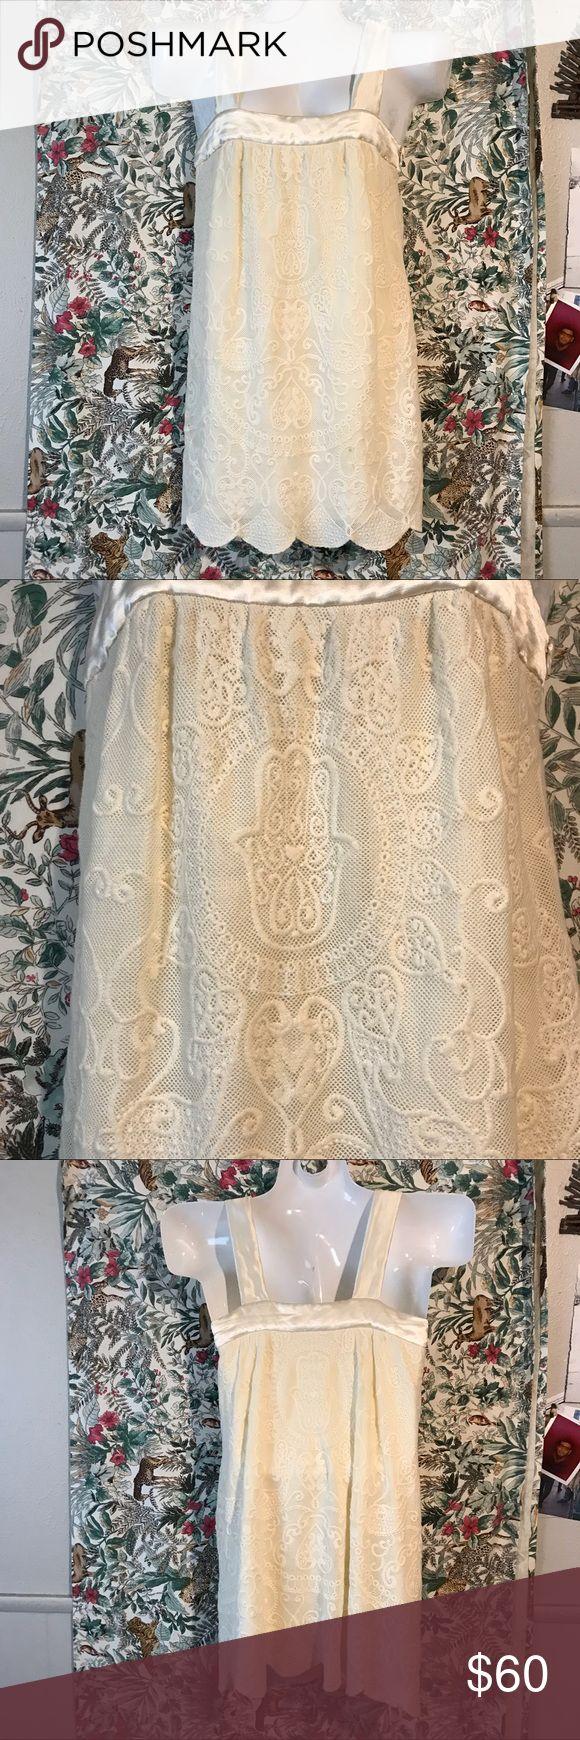 Manoush French Buddha Hand Lace Dress Manoush French Buddha Hand Lace Dress. Size 4 Anthropologie Dresses